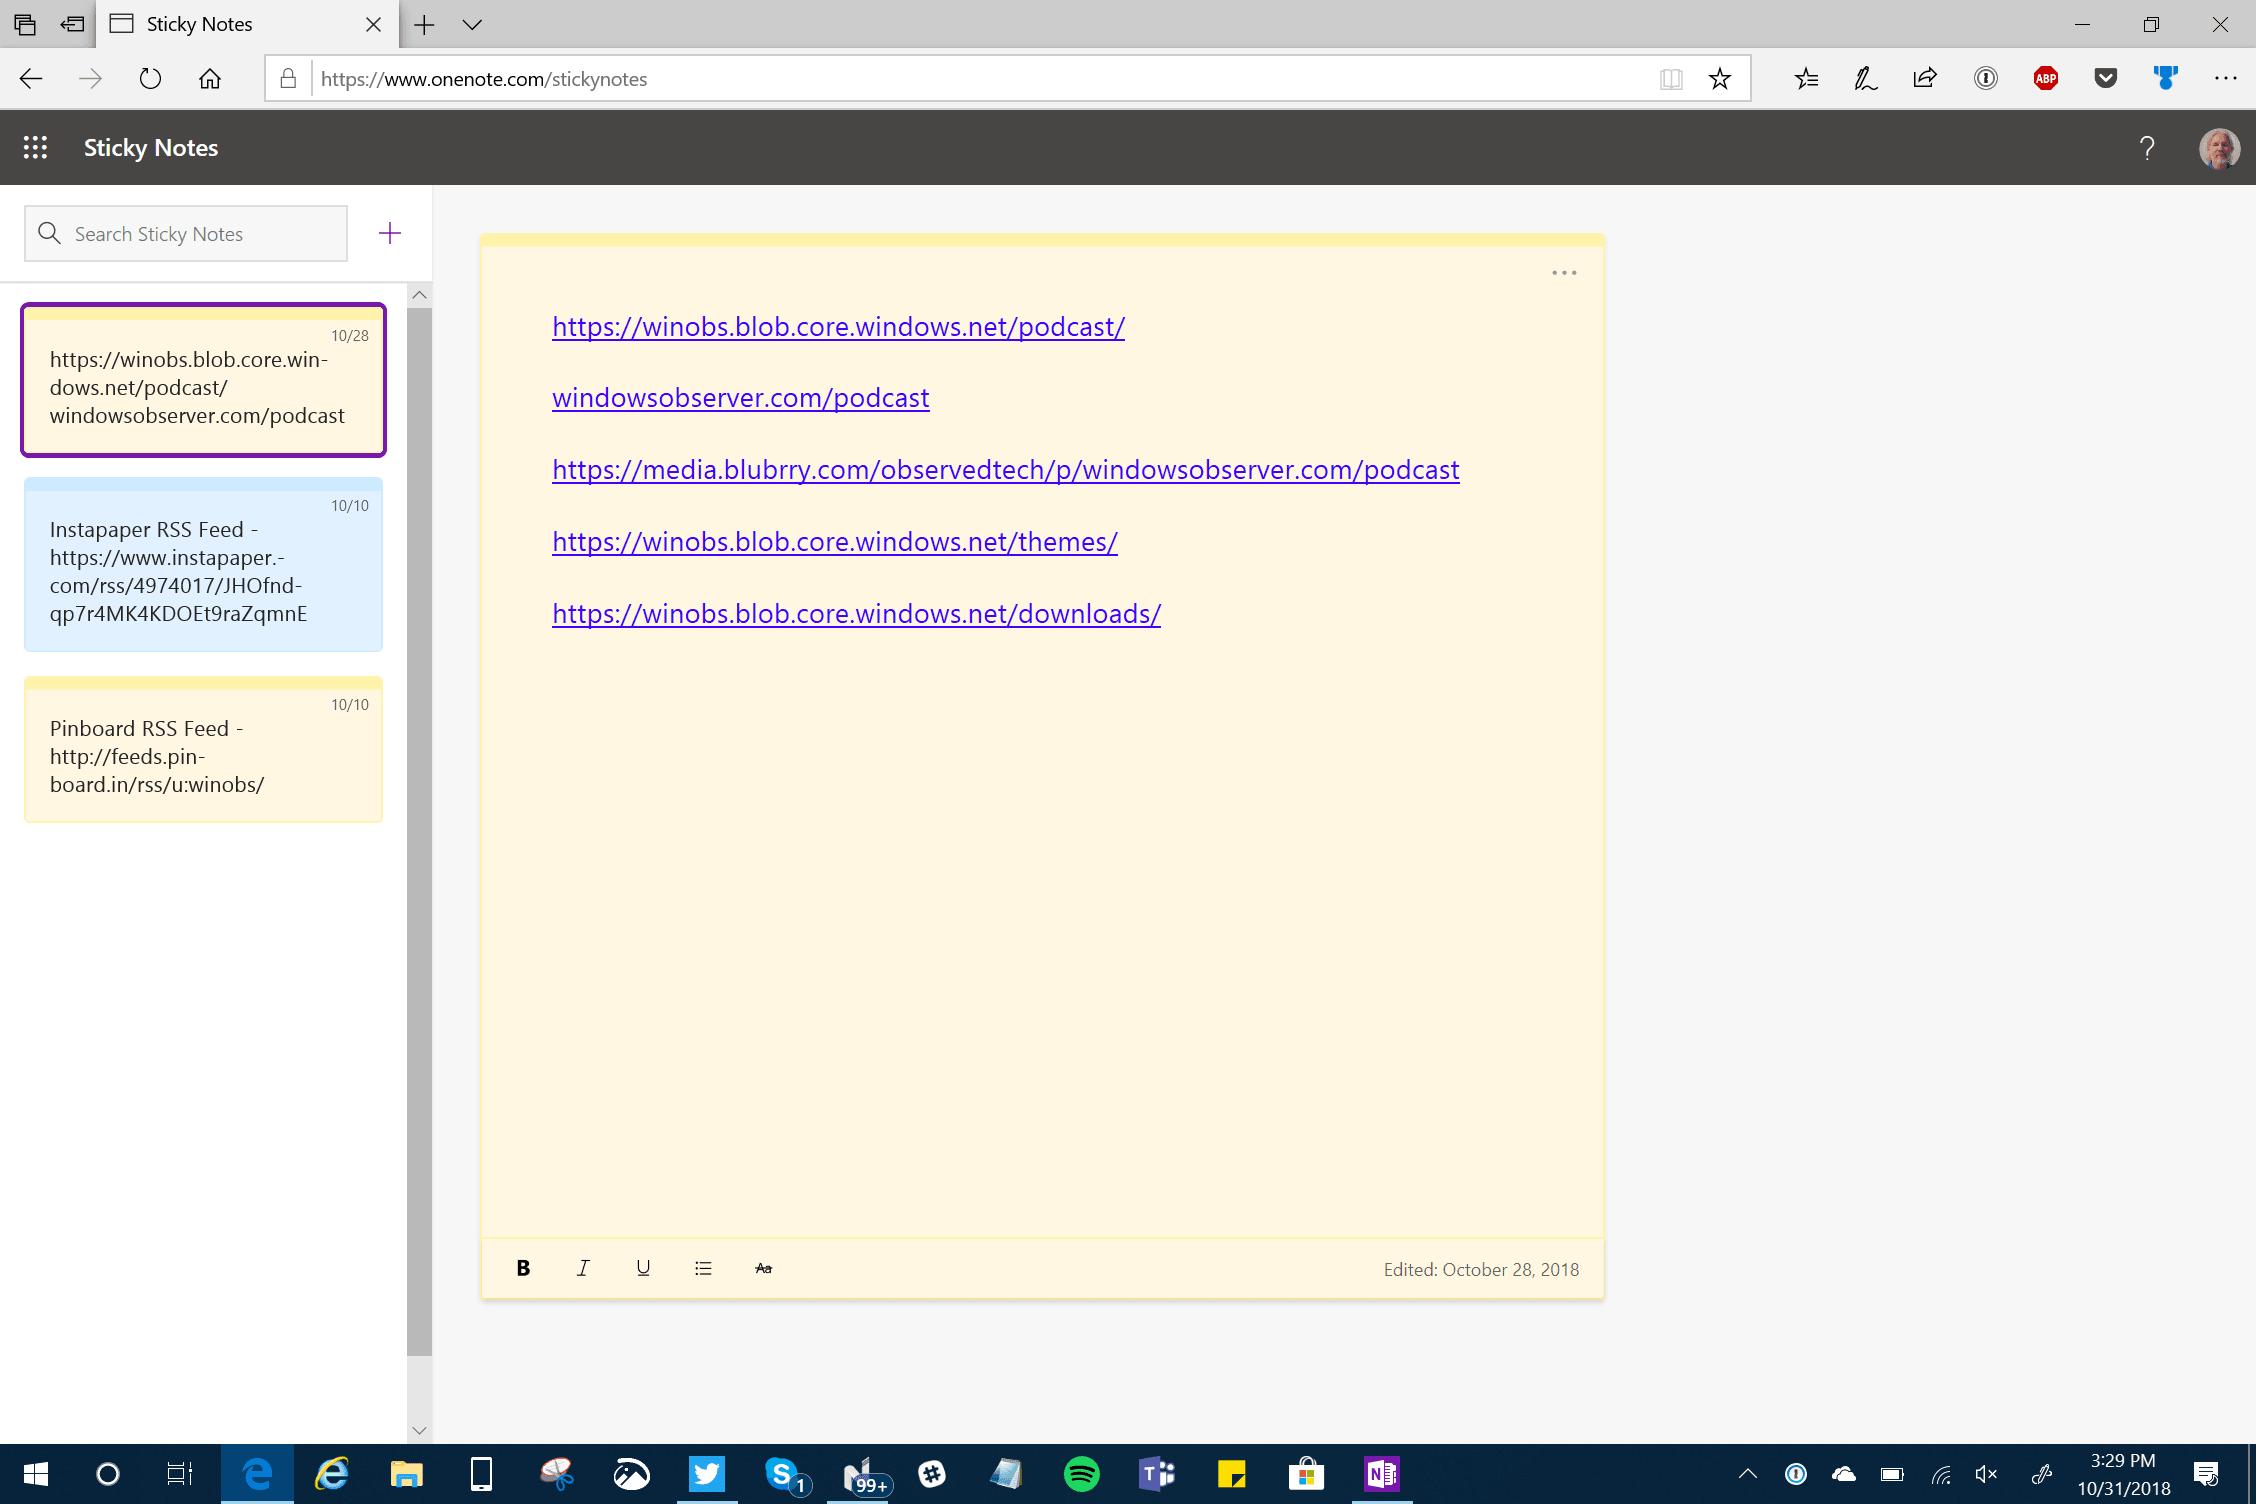 Sticky Notes on the Web